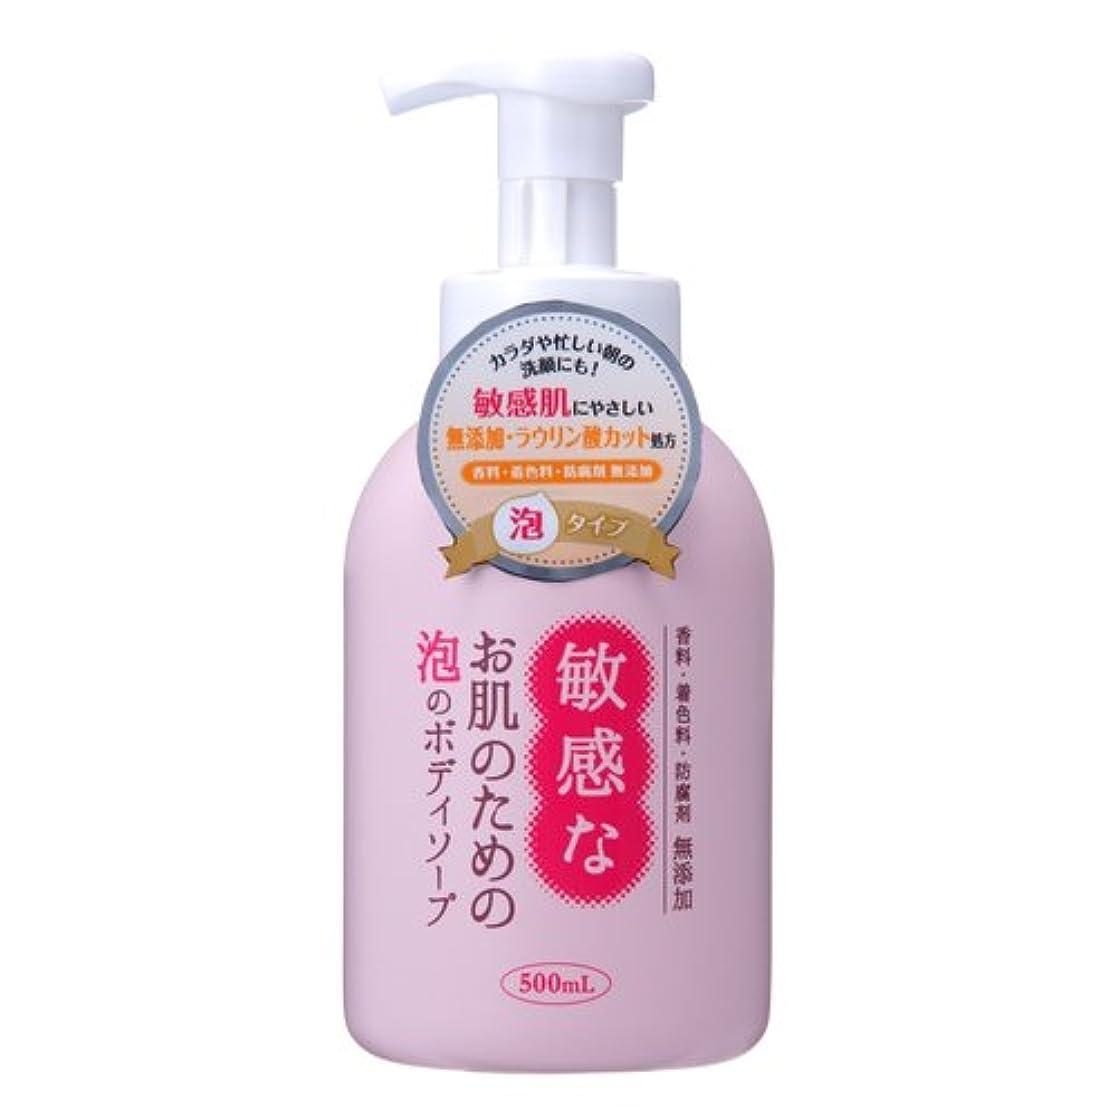 ゲートウェイレッスン乳白色敏感なお肌のための泡のボディソープ 本体 500mL CBH-FB